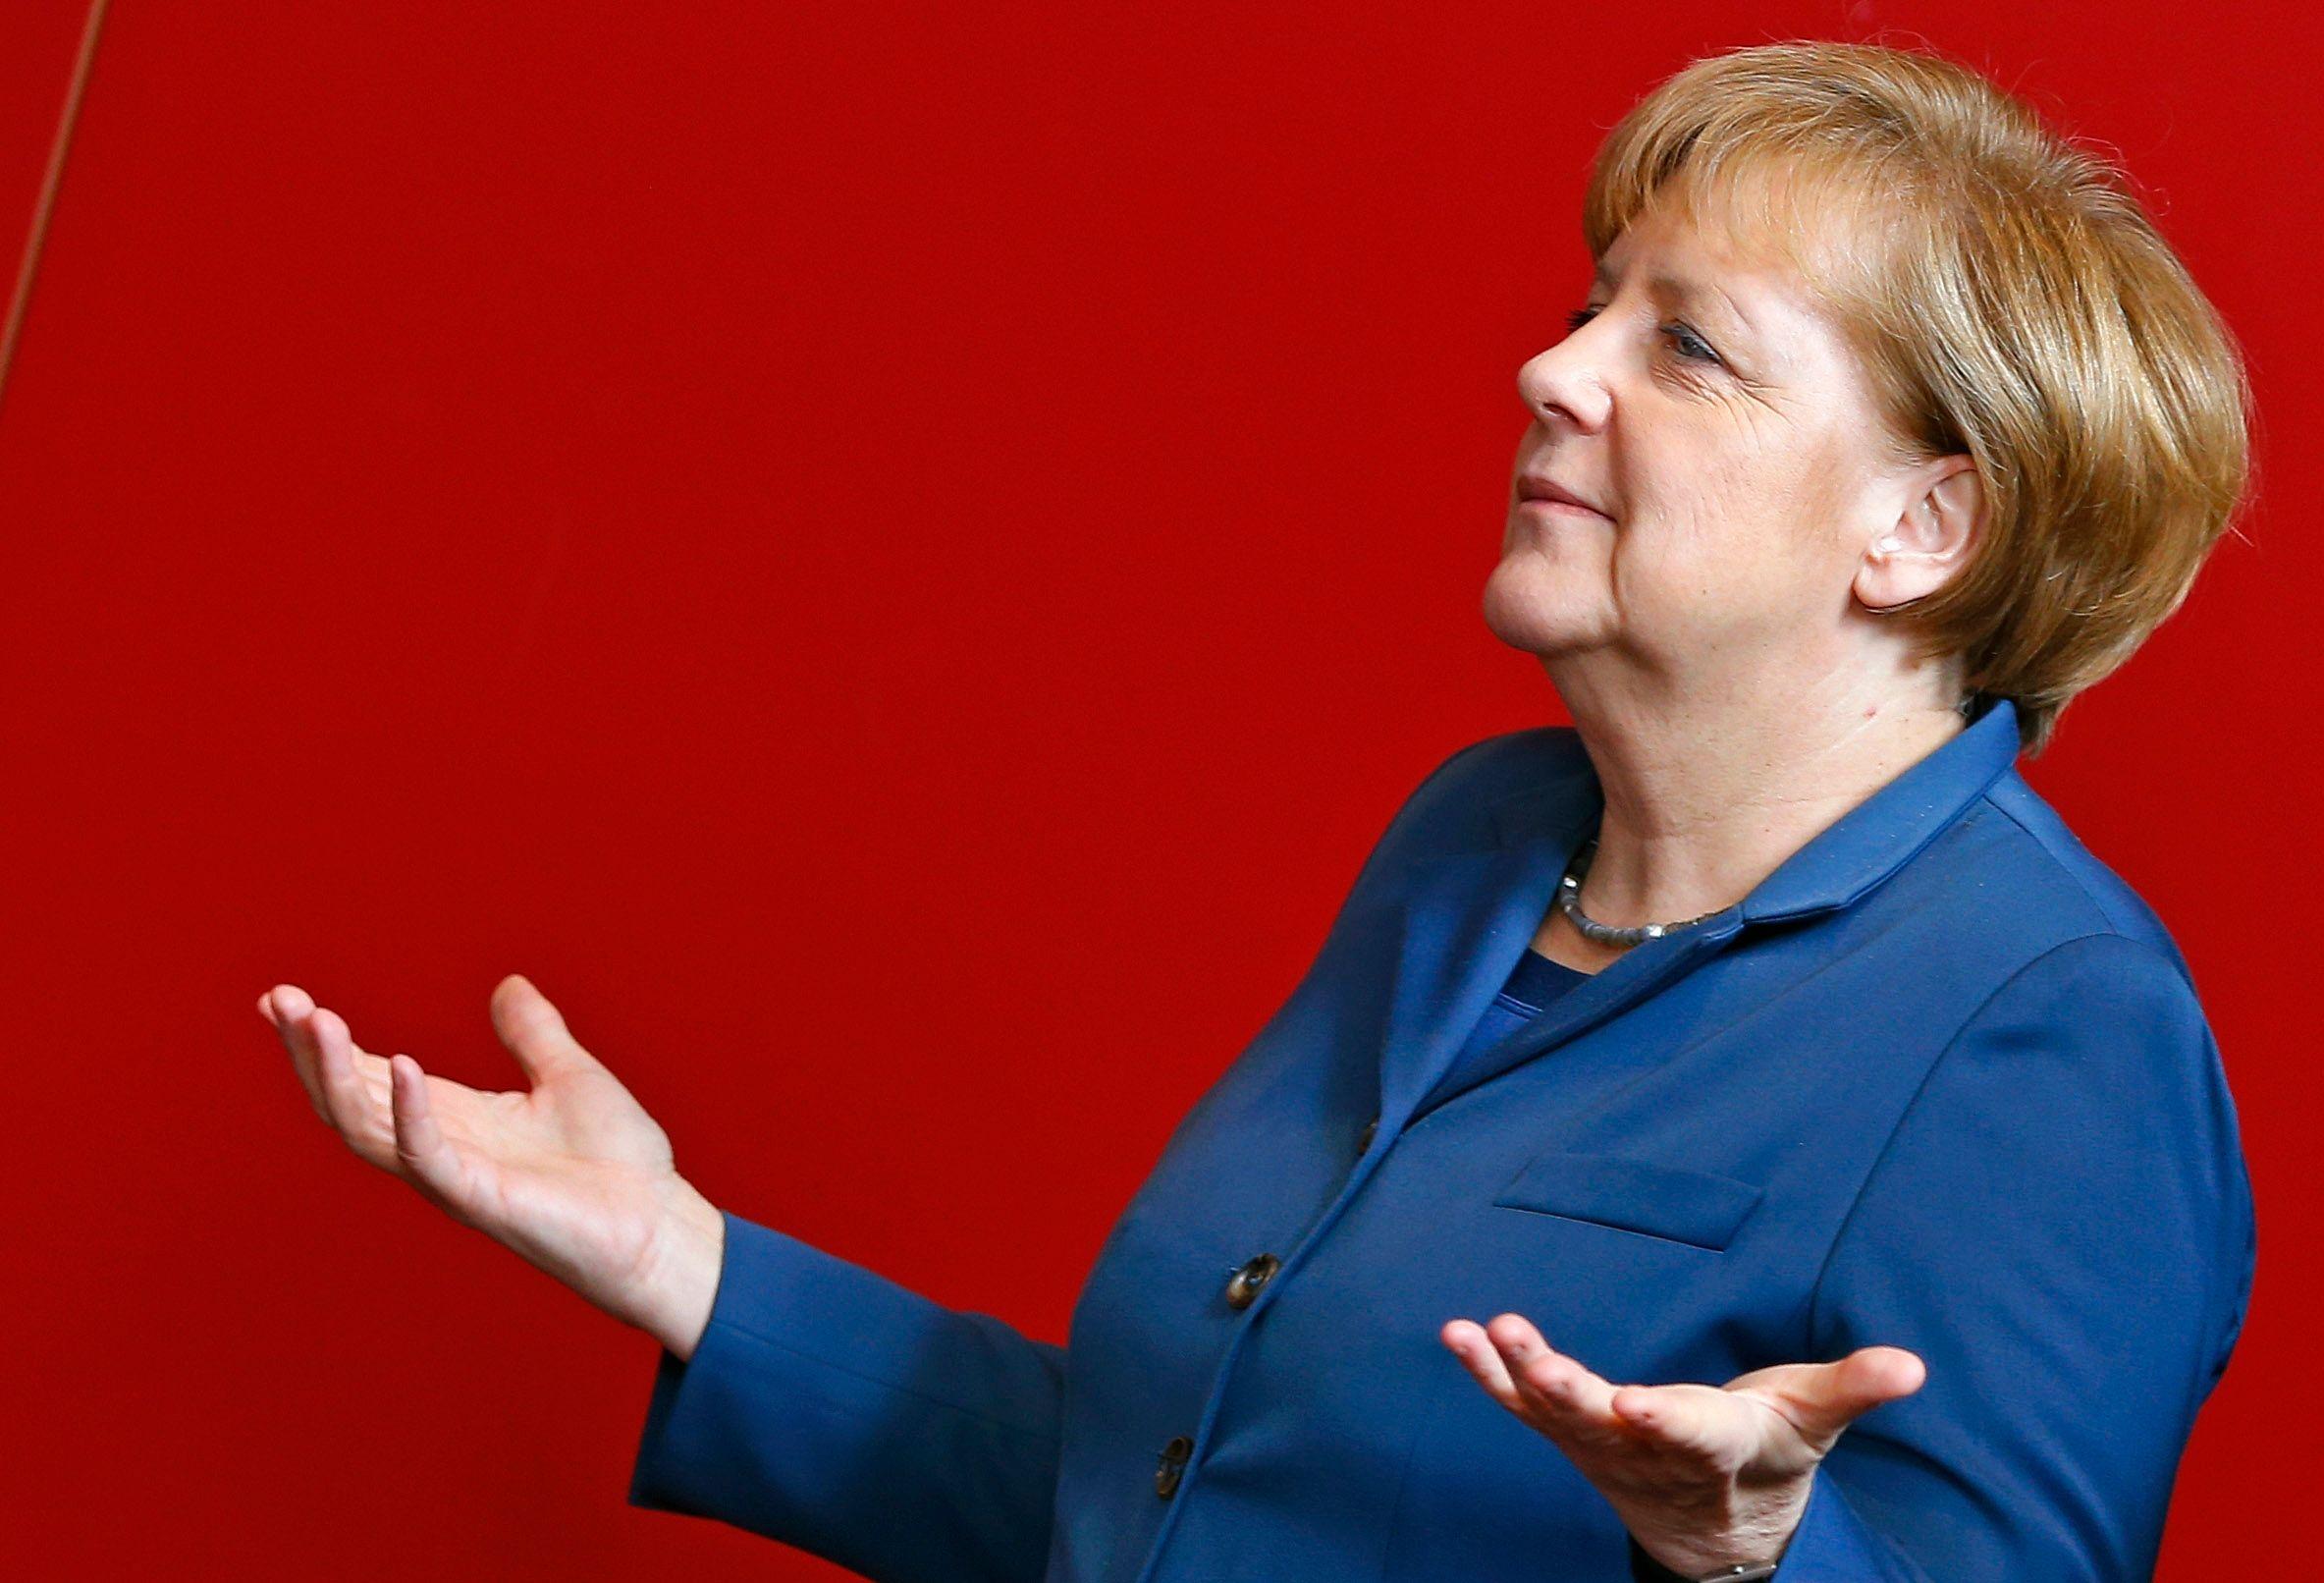 Angela Merkel n'a cessé de souligner que les pays de l'UE avaient un devoir moral envers les réfugiés fuyant la guerre ou la répression